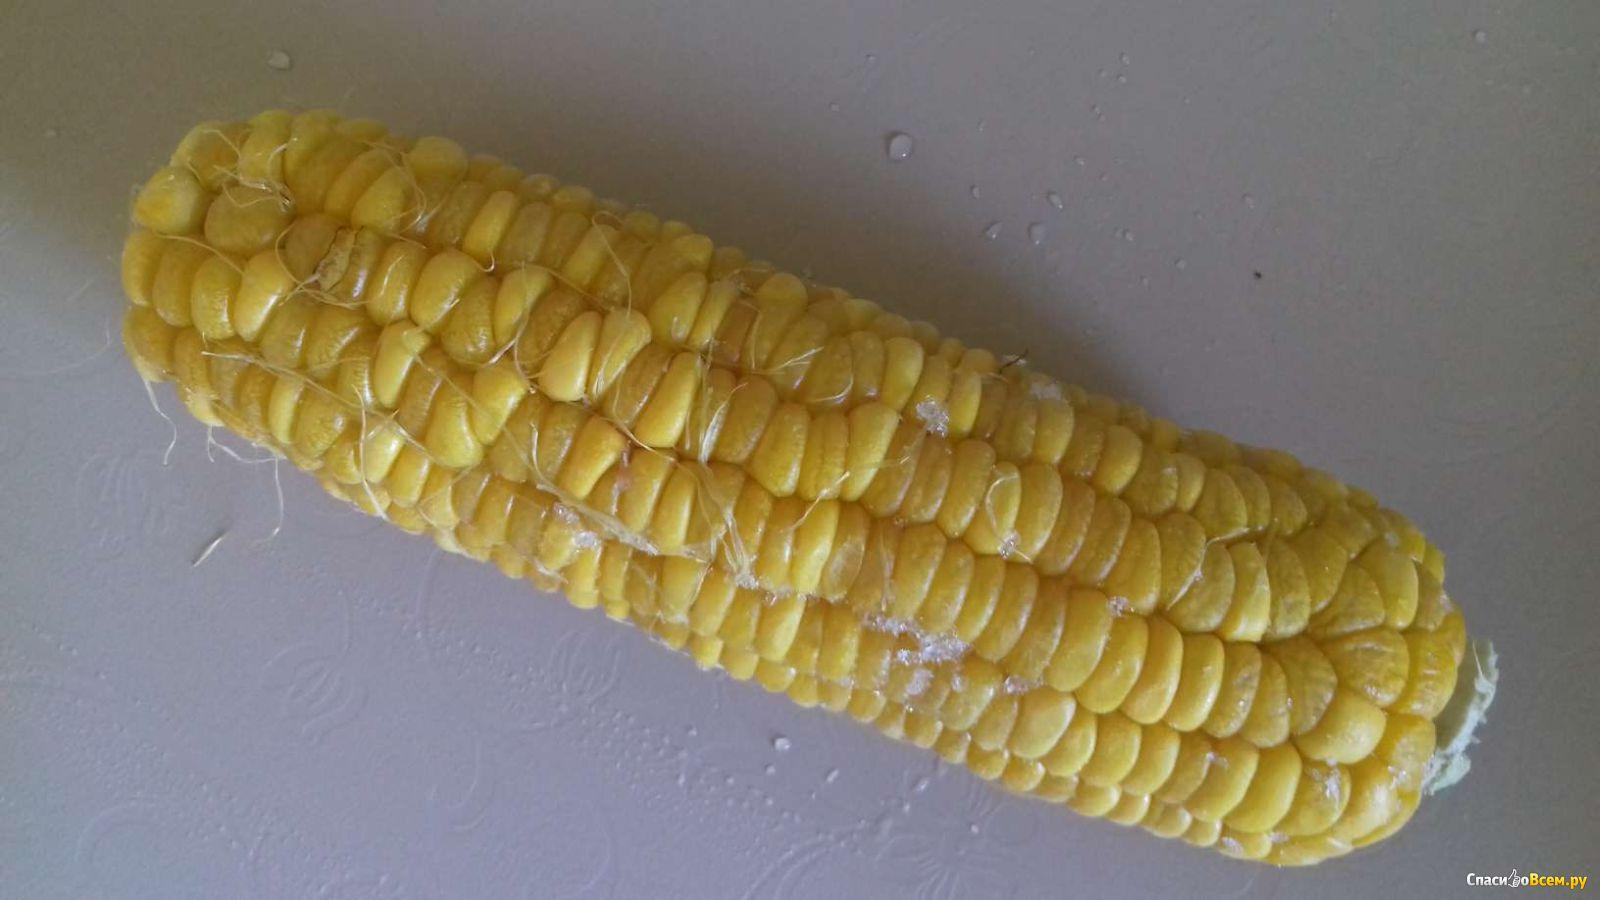 Как получить семена кукурузы в домашних условиях: отбор, сбор, хранение 68